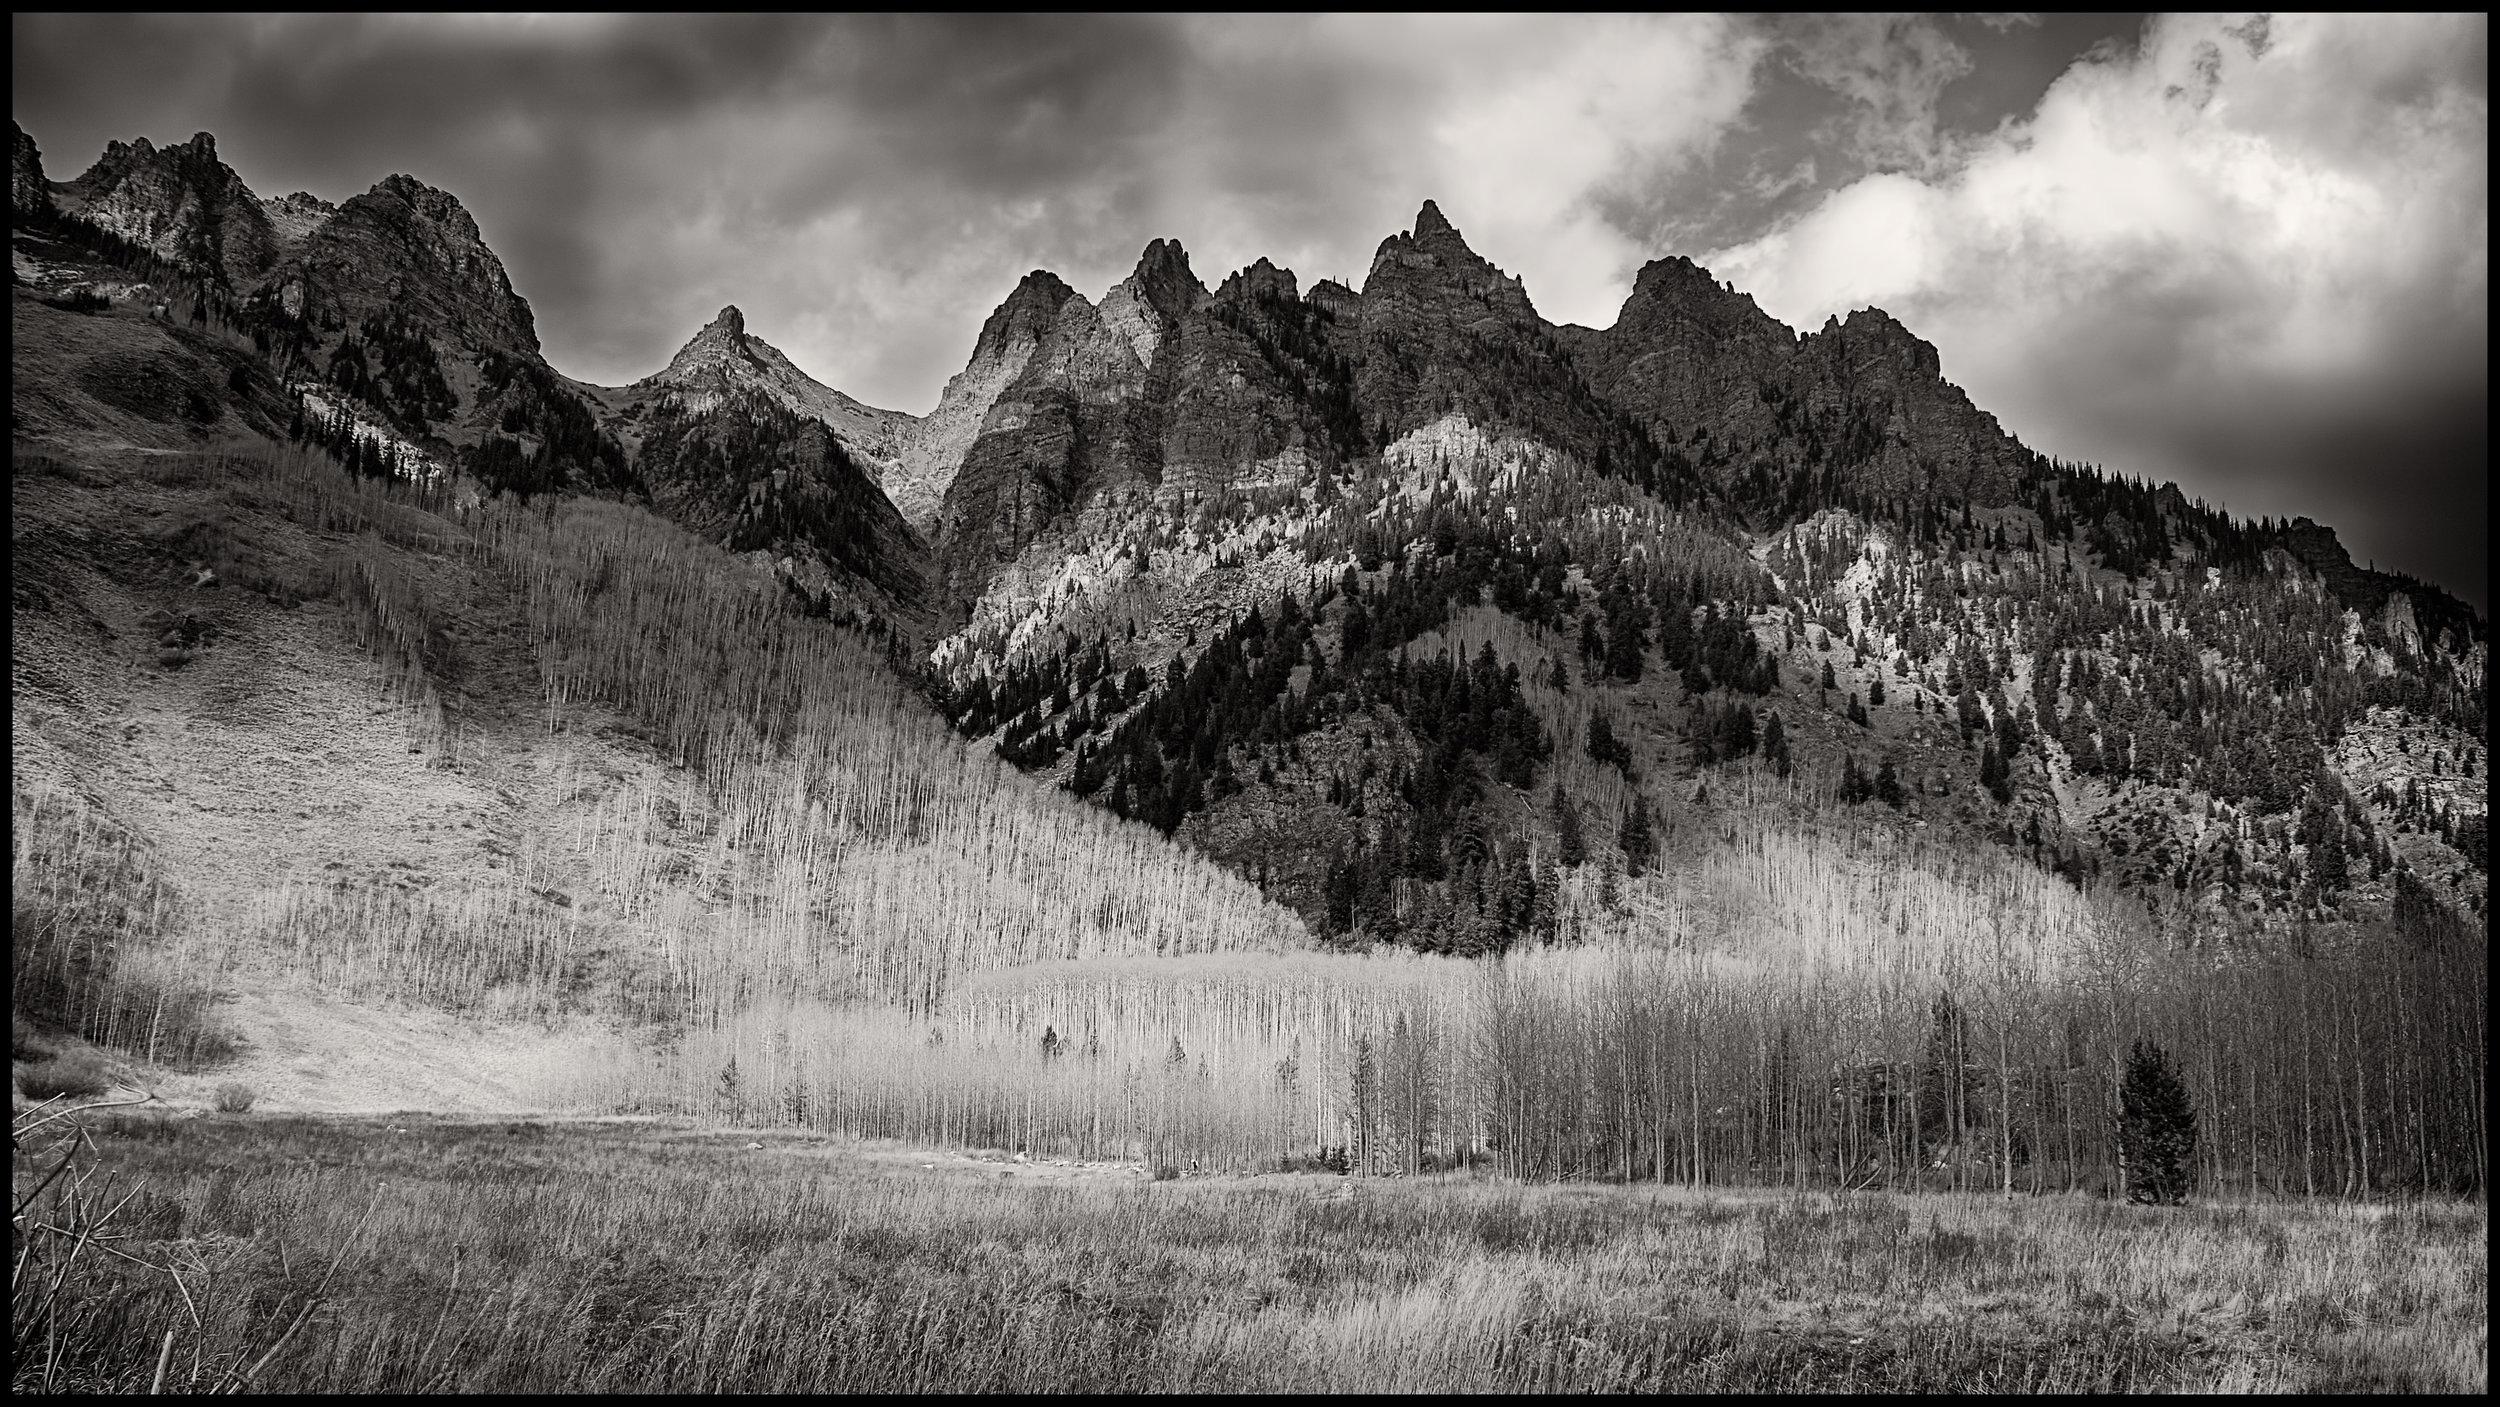 Aspen/Snowass Colorado